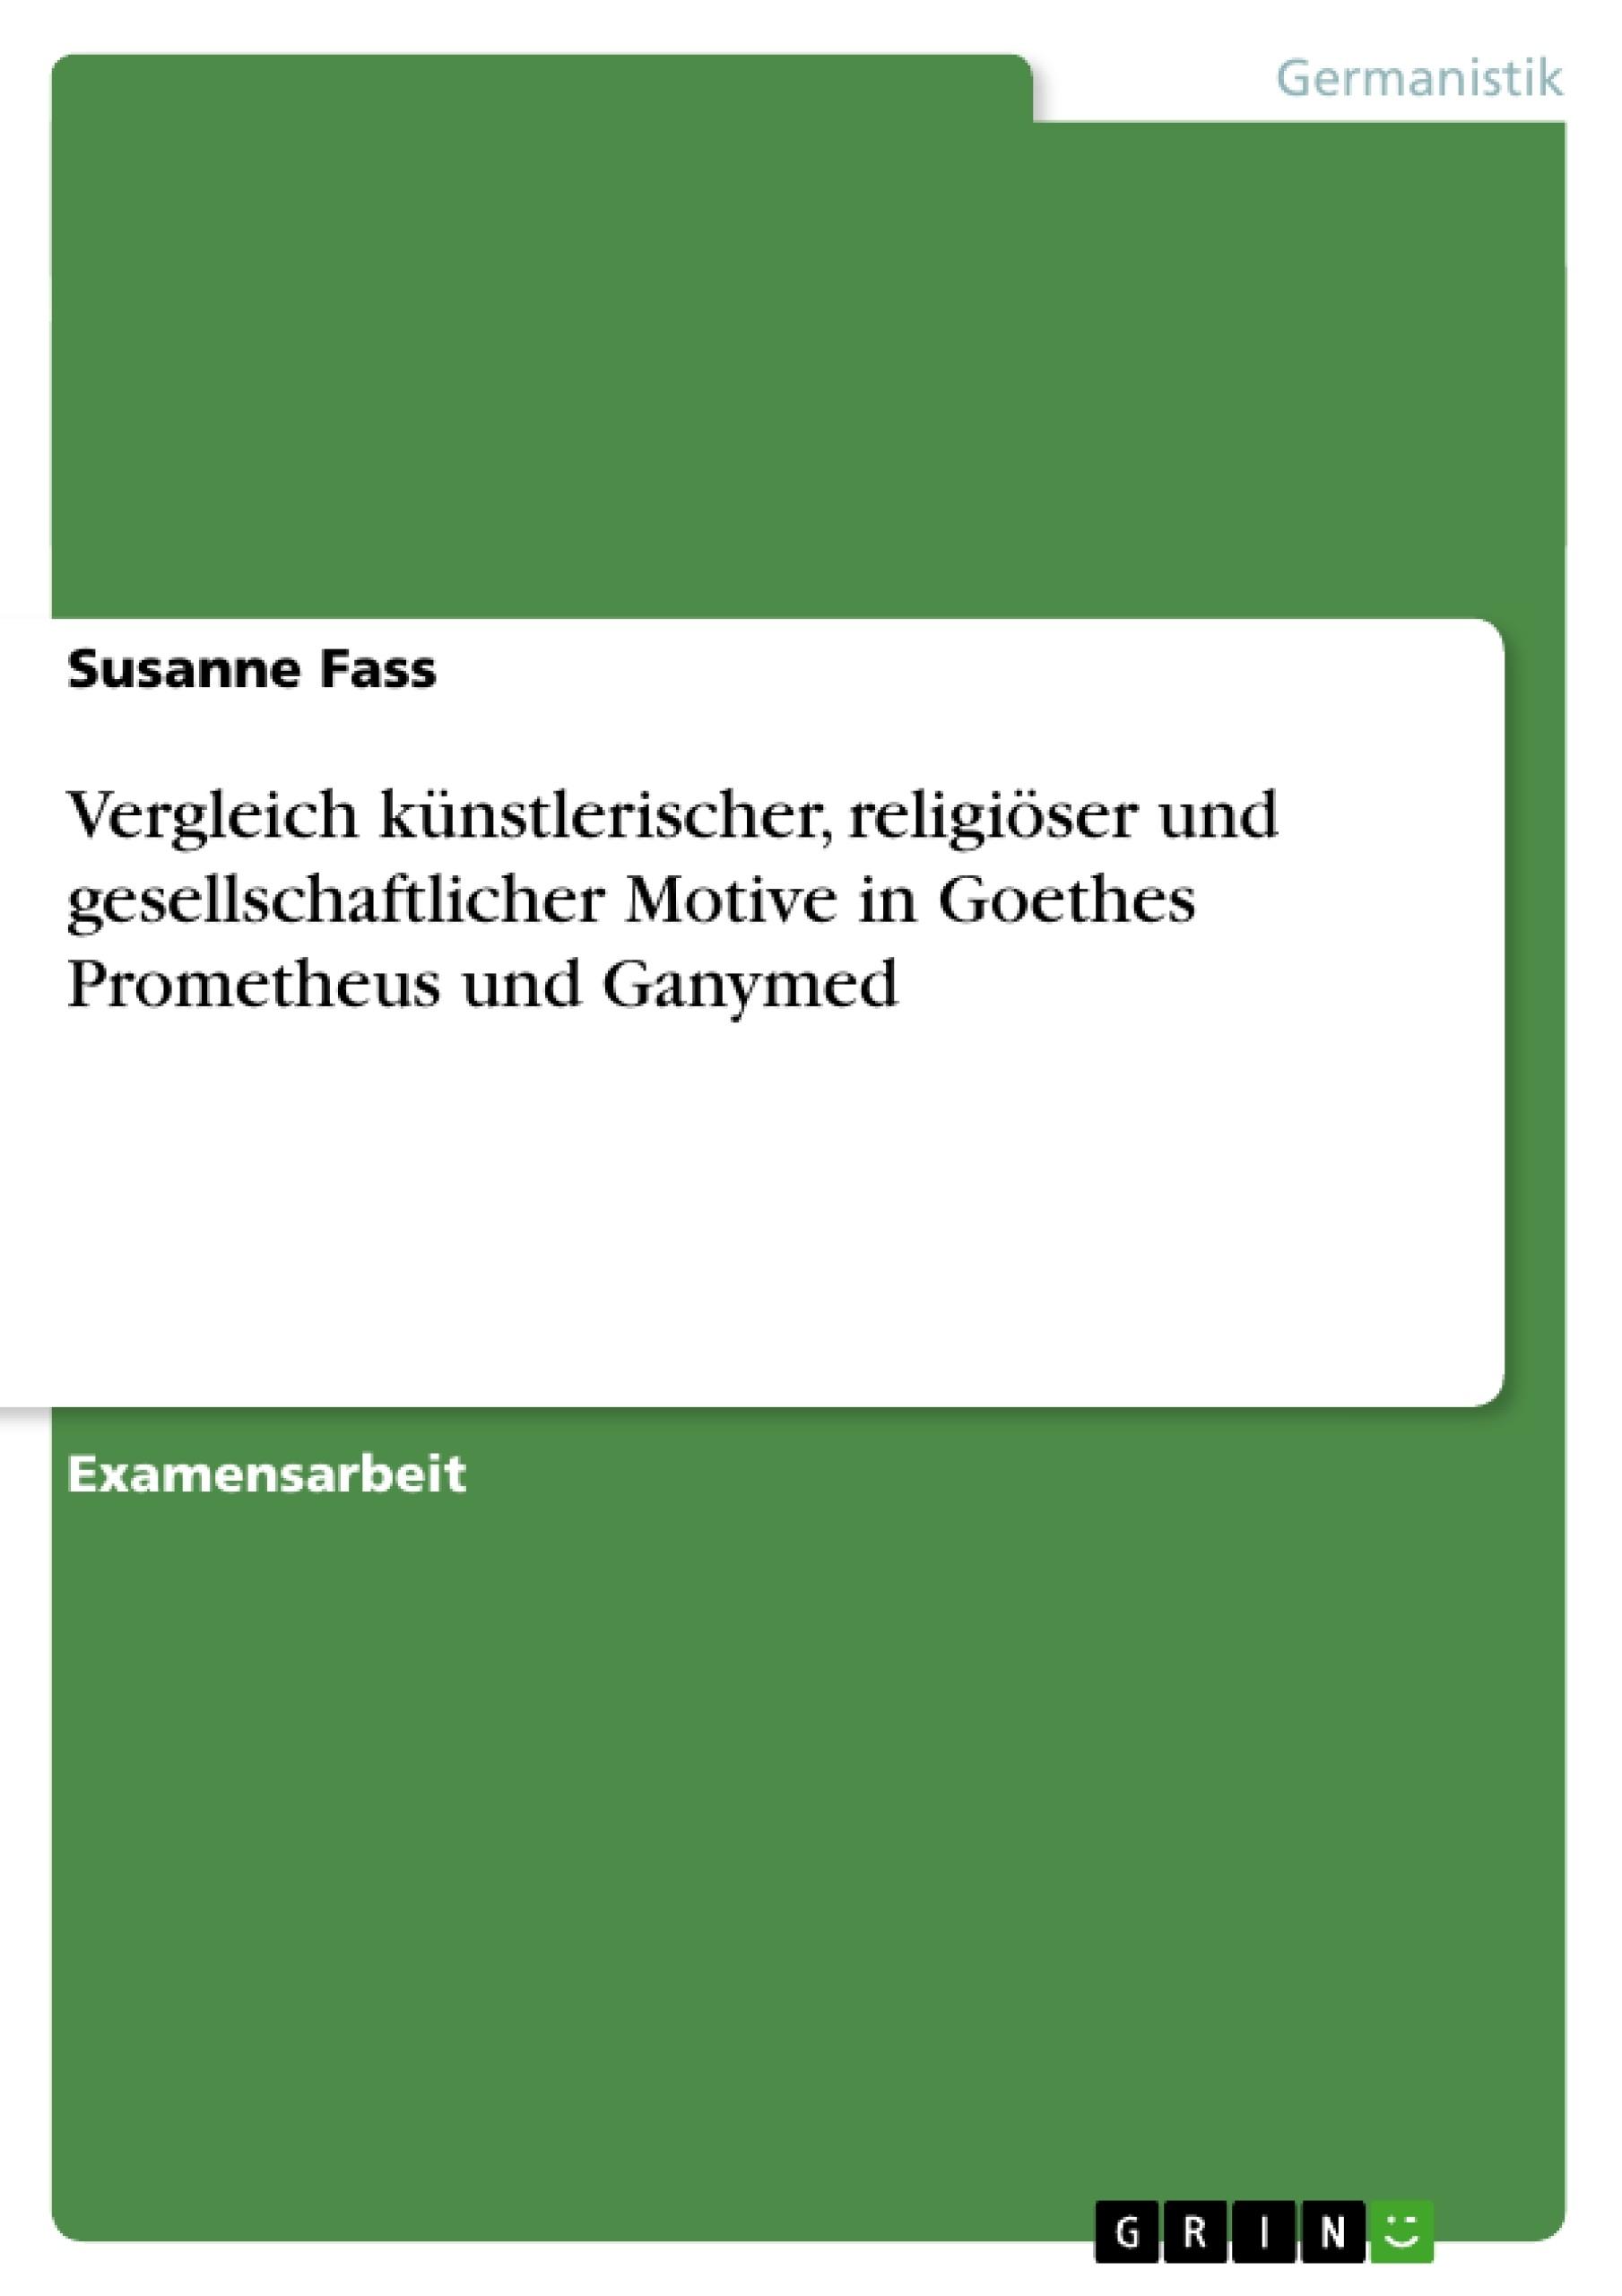 Titel: Vergleich künstlerischer, religiöser und gesellschaftlicher Motive in Goethes Prometheus und Ganymed